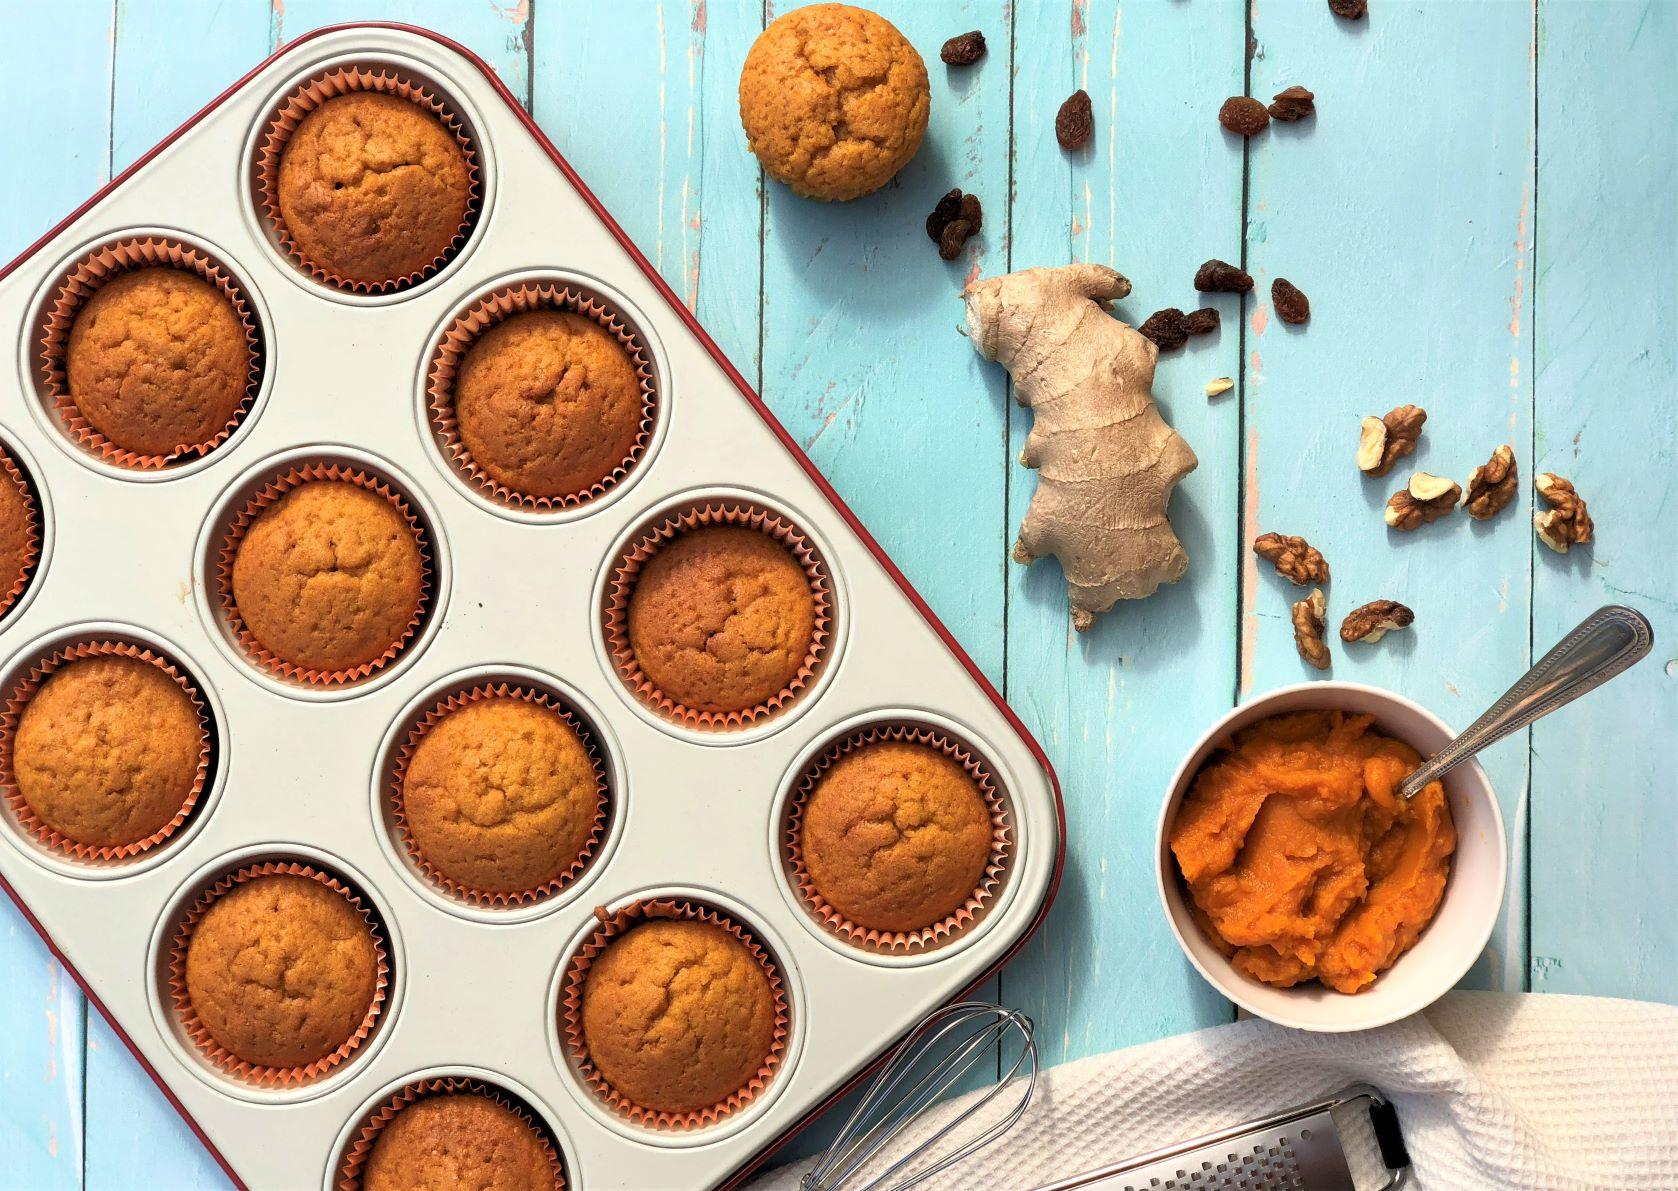 repas_muffin_felul_small.jpeg